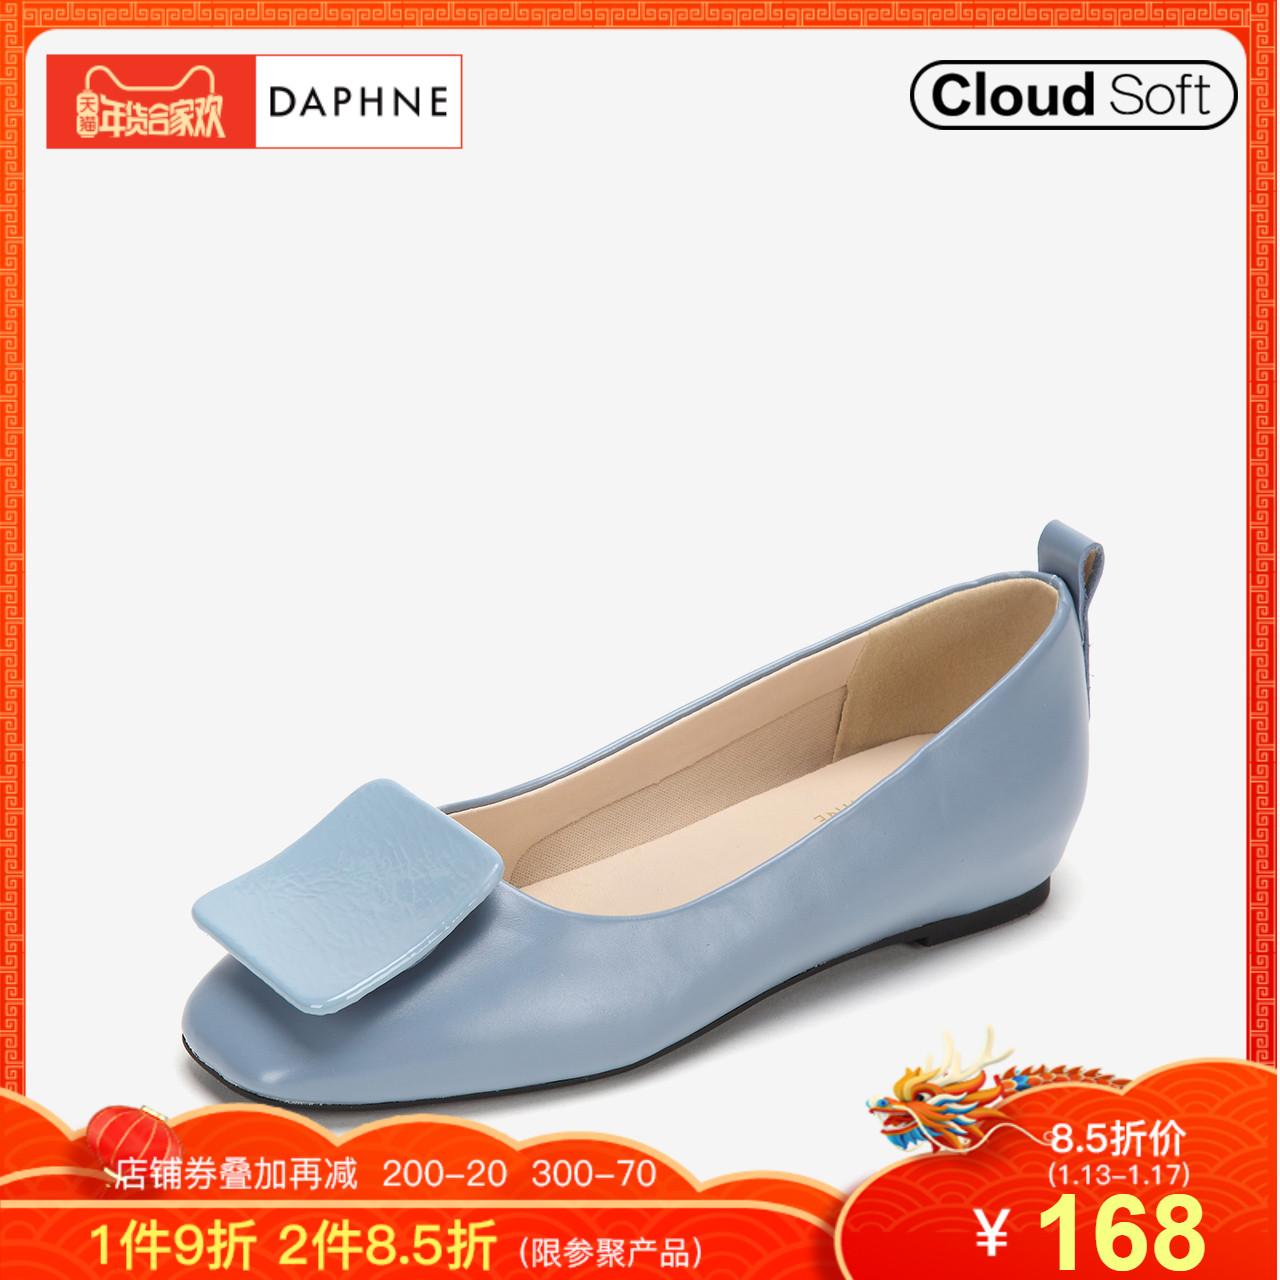 春新款名媛气质不对称饰扣浅口平底鞋女单鞋 2019 达芙妮 Daphne